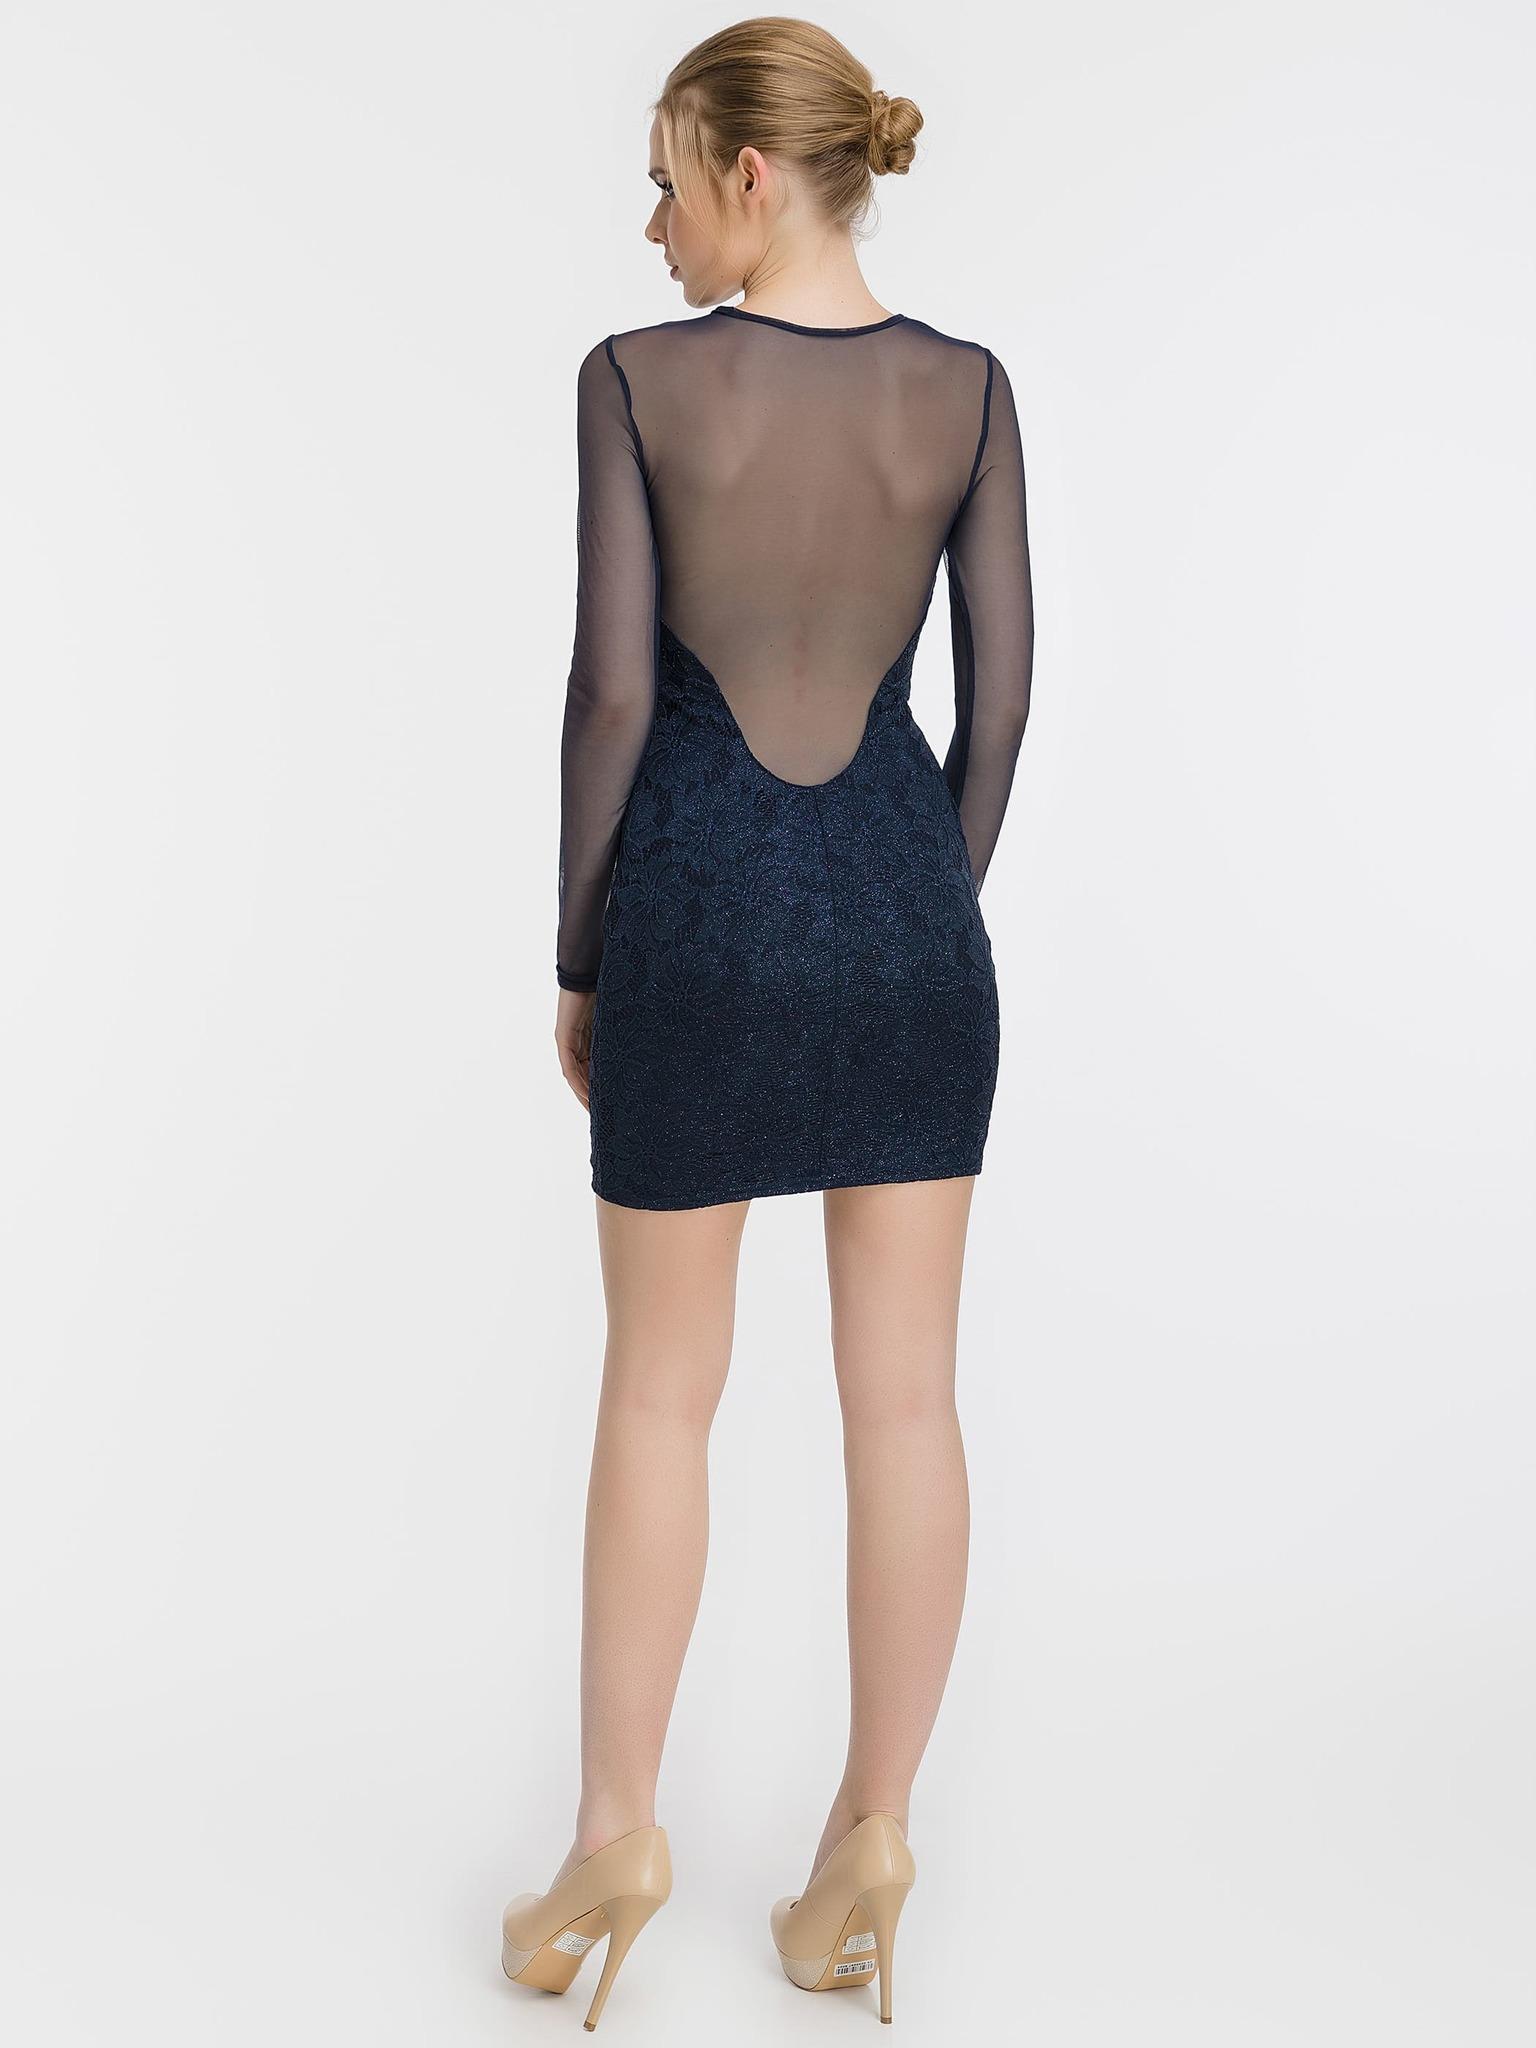 Блестящее кружевное мини платье, синее